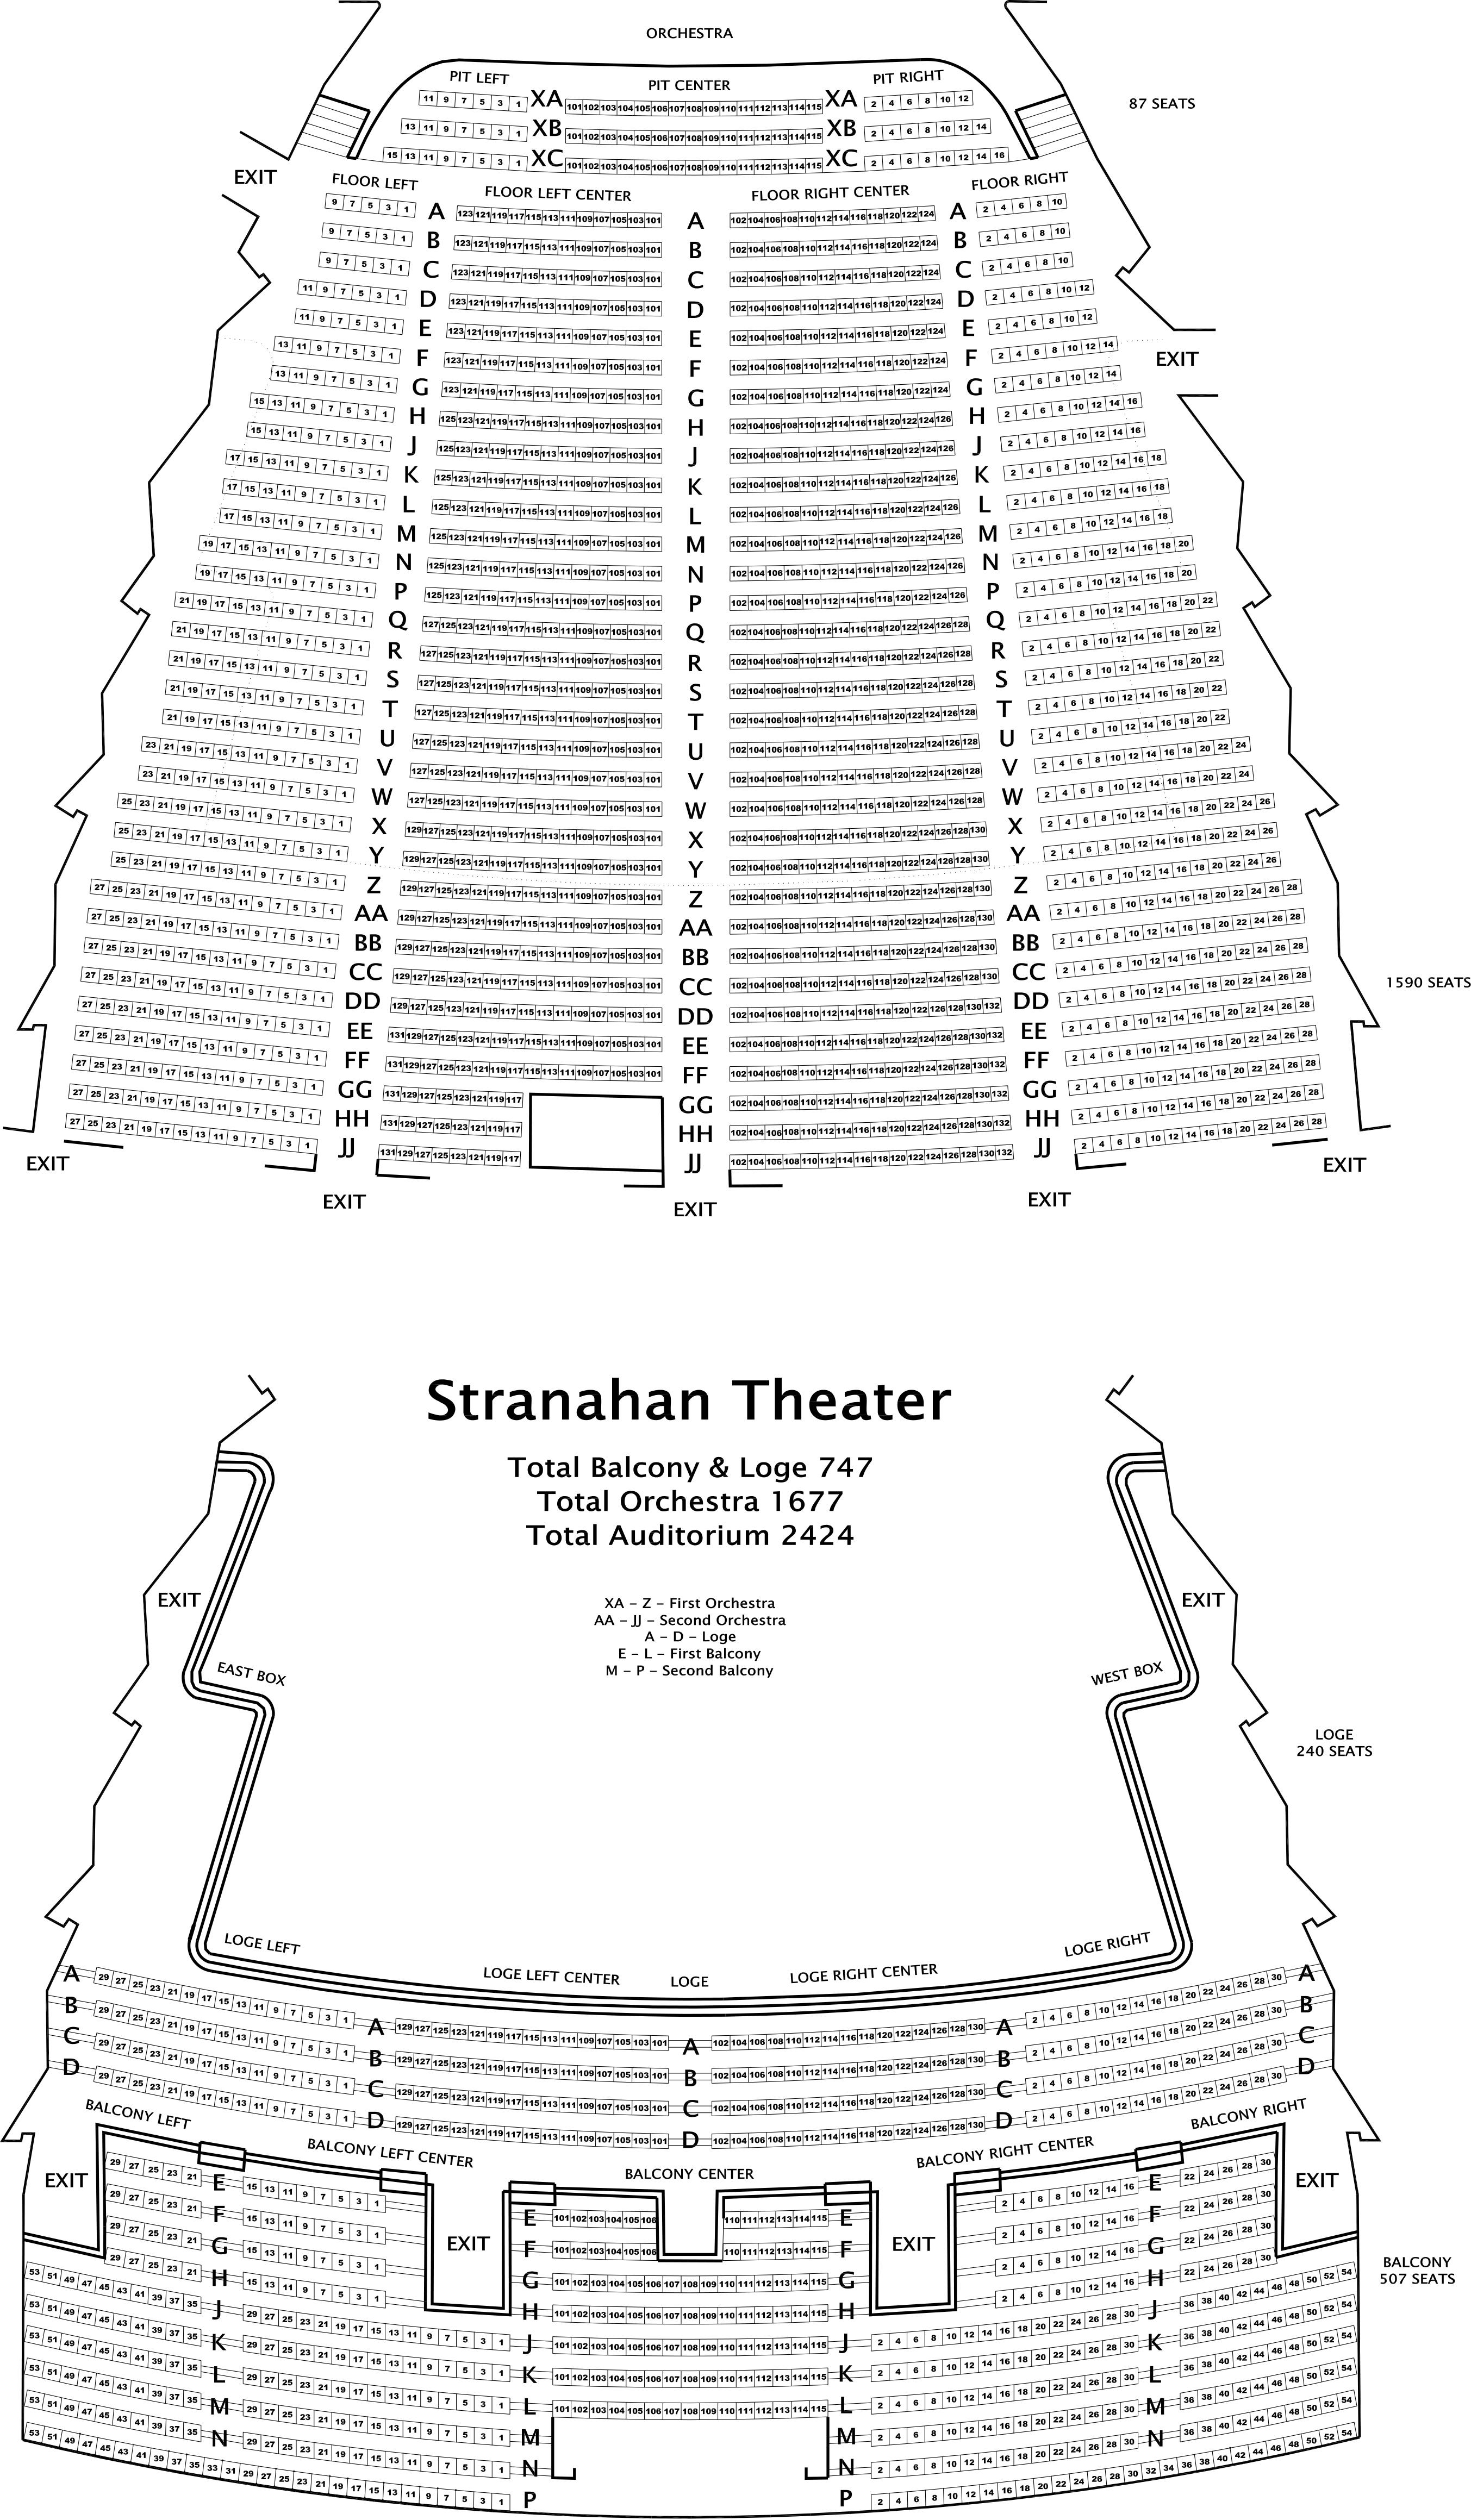 Stranahan theater seating chart sendil charlasmotivacionales co